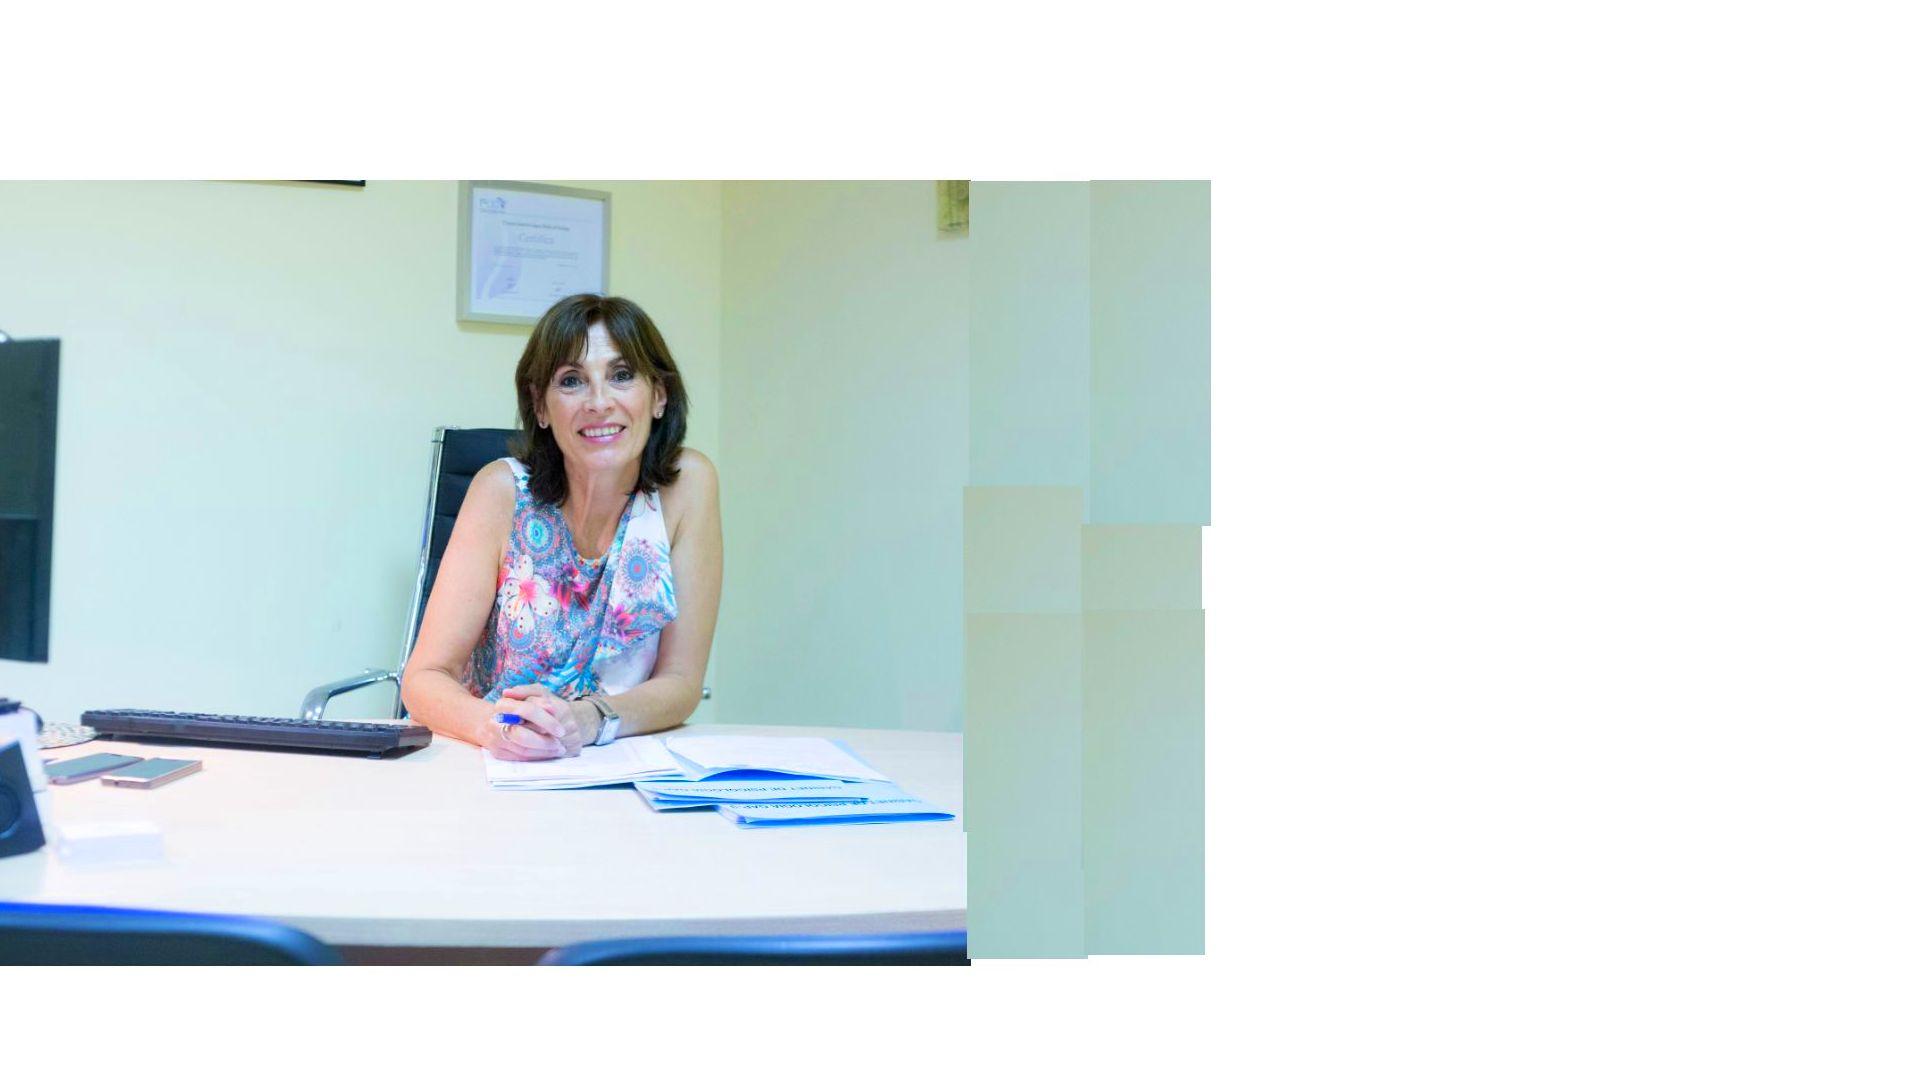 Terapia Individual: Terapias y Servicios de GAP3 Gabinet de Psicología